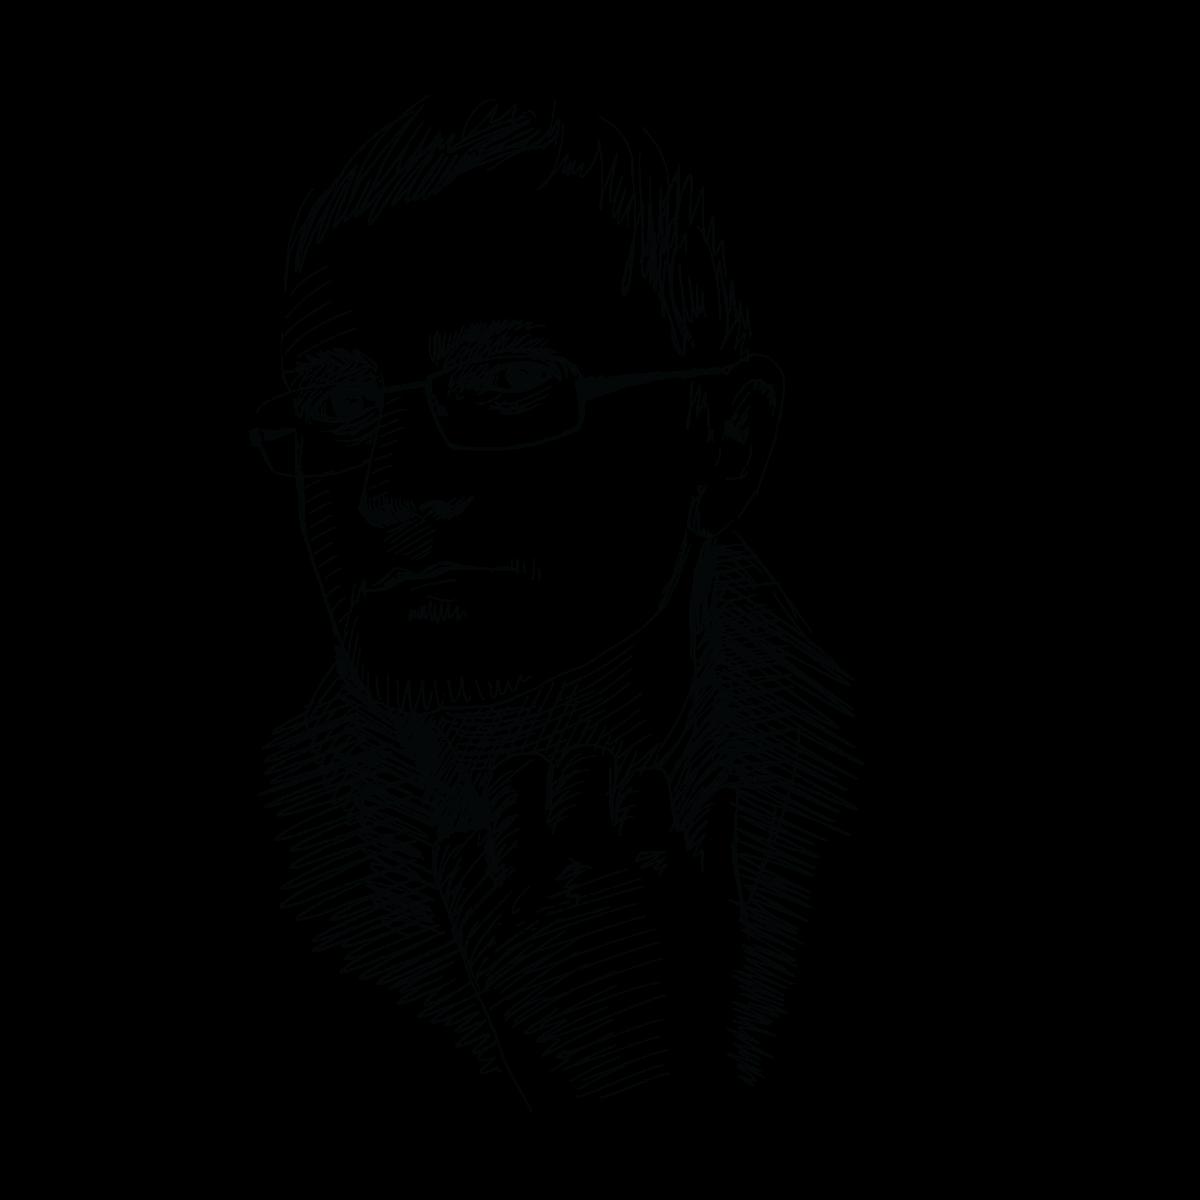 https://dev.ekipdeco.com/wp-content/uploads/2017/05/minimalist-image-team-member-03-large.png